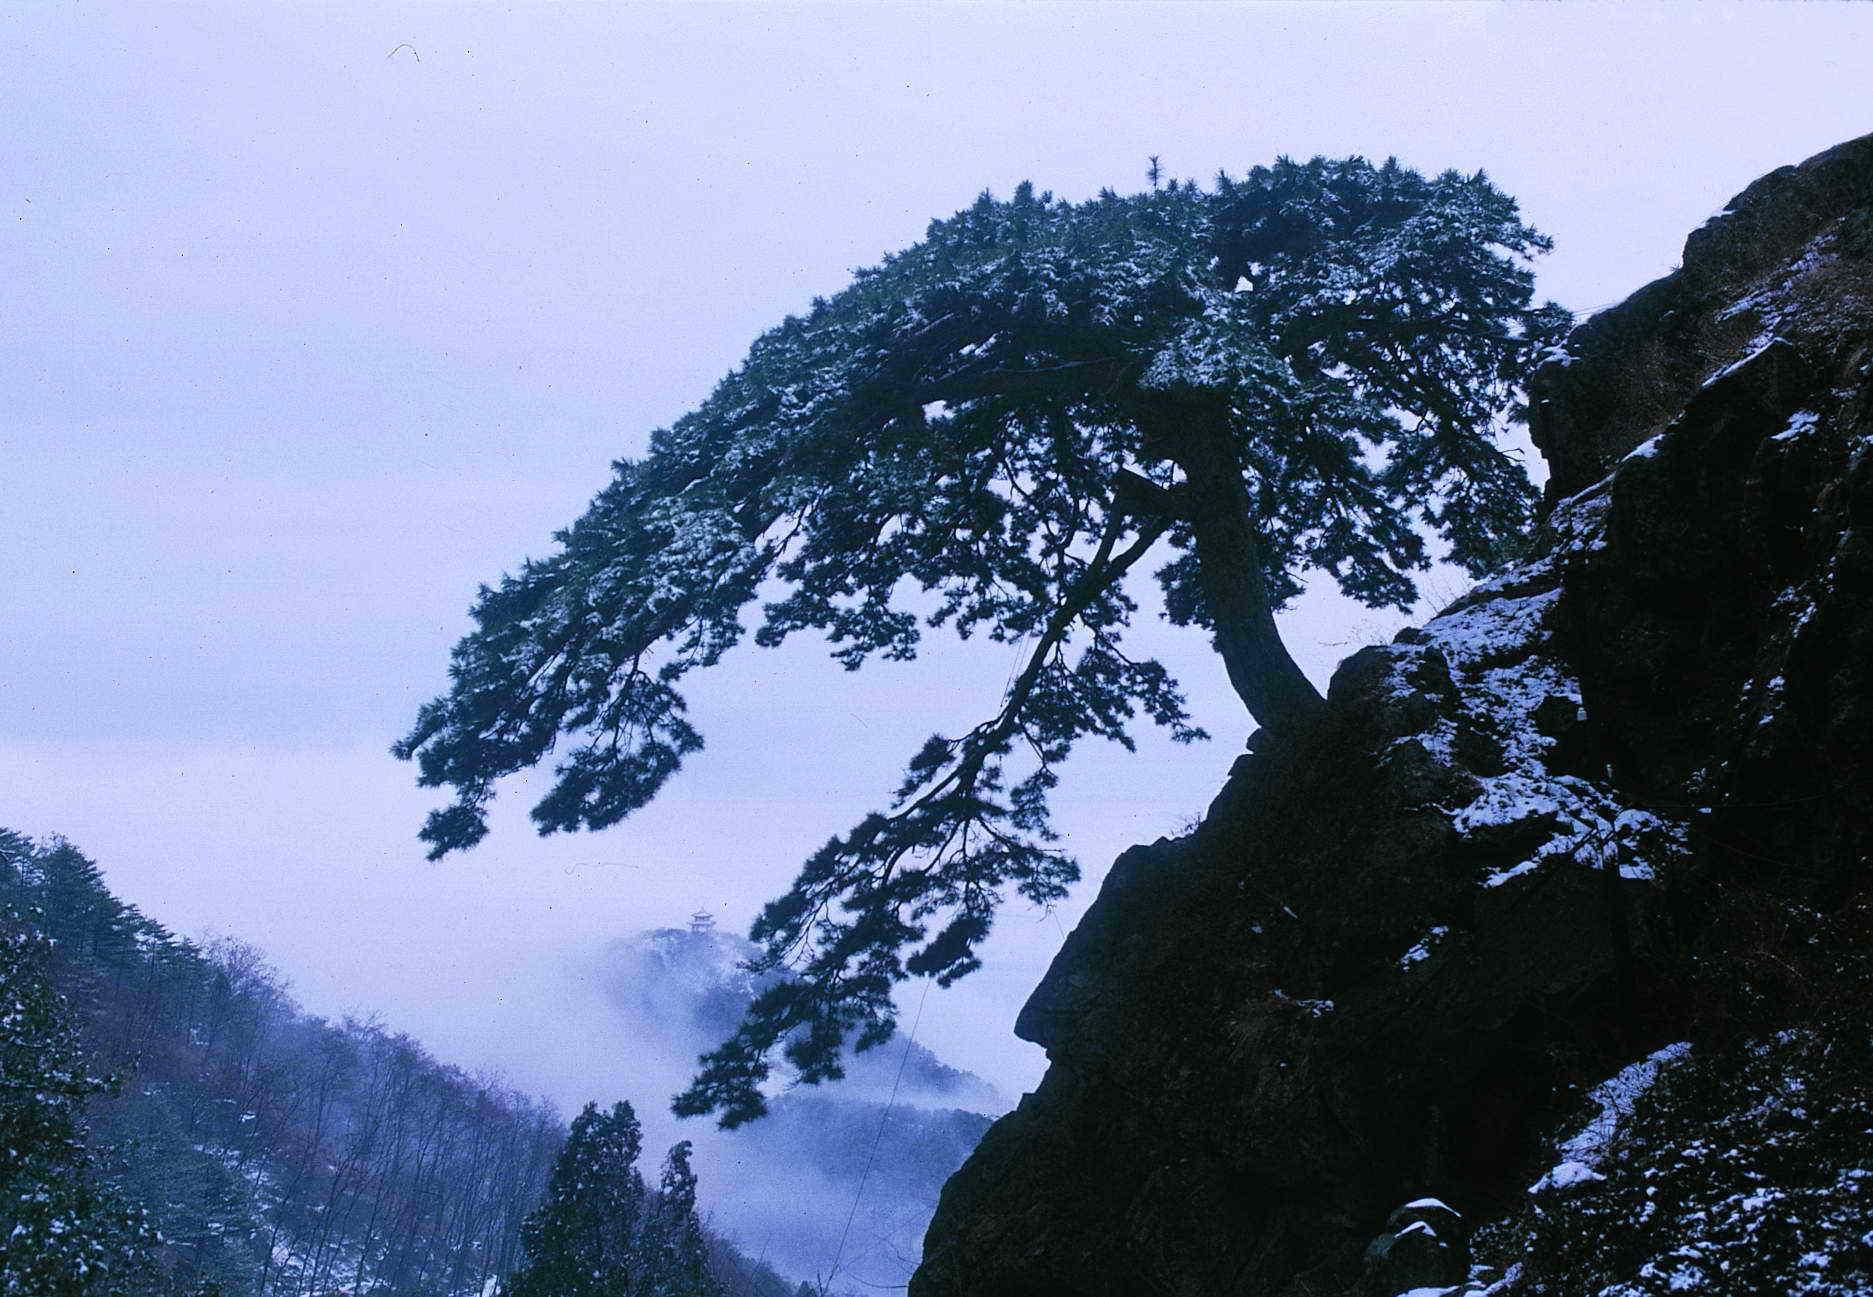 泰山网讯 (新闻零距离记者 宁博 苏婷)泰山上有许多古树名木,这些古树名木不仅是泰山上特有的林木资源和景观资源,更代表了泰山厚重的历史文化,如何保护好这一历史资源一直以来都是泰山管委工作的一个重点,最近他们又有了新动作,为泰山上近2万株古树名木办理了电子身份证。 泰山文化深厚,历史悠久,泰山上的树木也是饱经风霜,虽然每日静默不语,但每一株树木背后,都有一段异彩纷呈的历史。泰山上的古树树木数量庞大,种类众多,为了更好地了解树木的生长状况,近日,山东泰山风景区管委会日前正式启用泰山古树名木监测管理系统,泰山